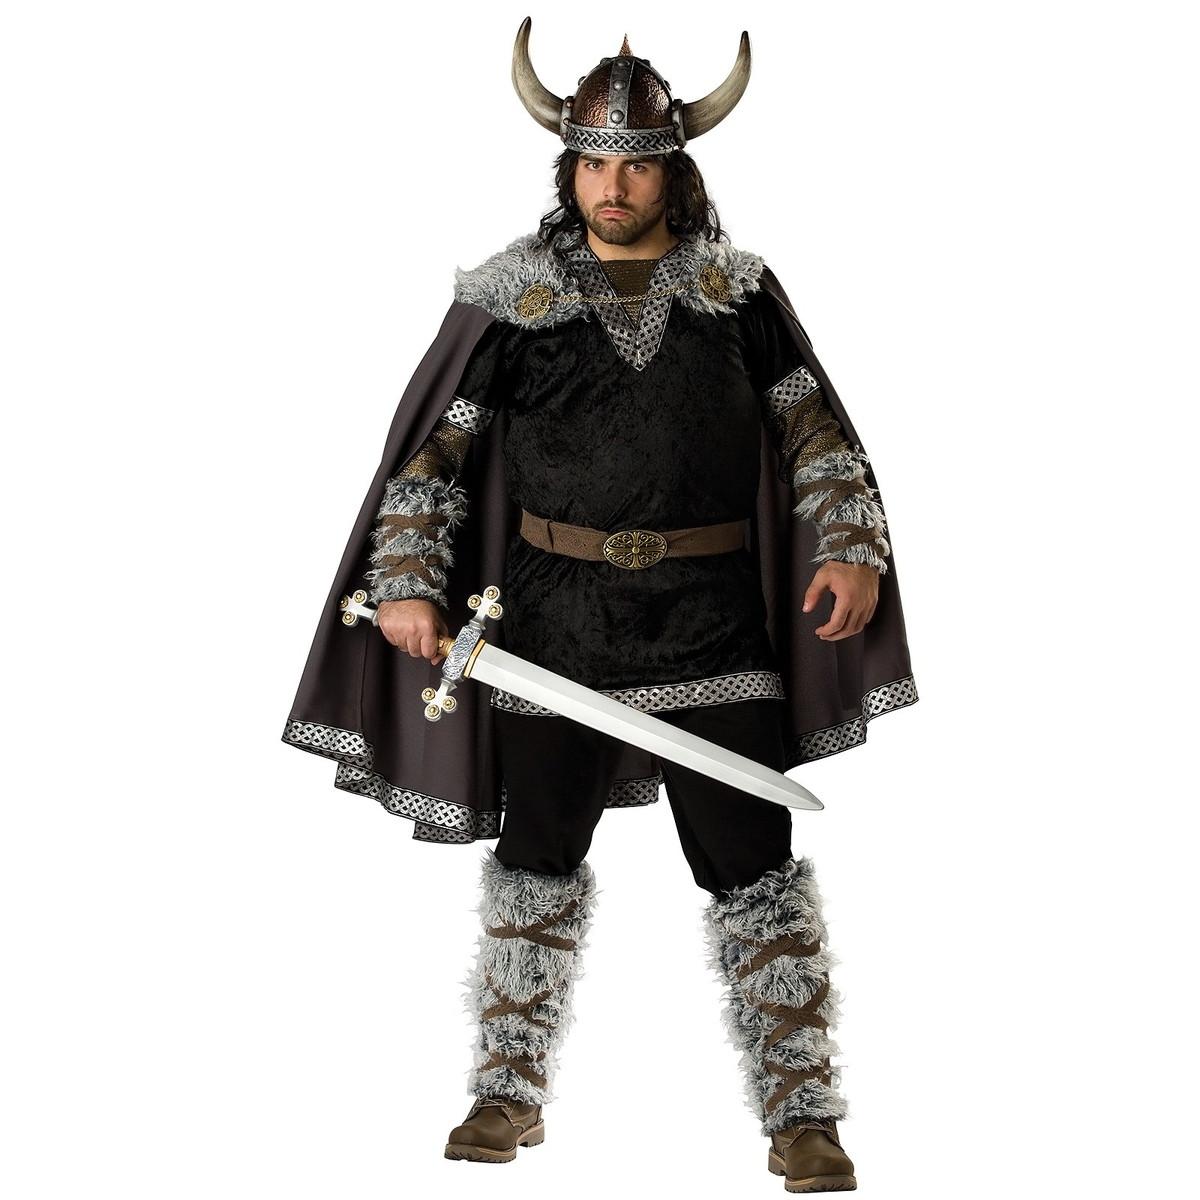 バイキング戦士 衣装 コスプレ コスチューム 大人用 大きいサイズ ハロウィン 仮装